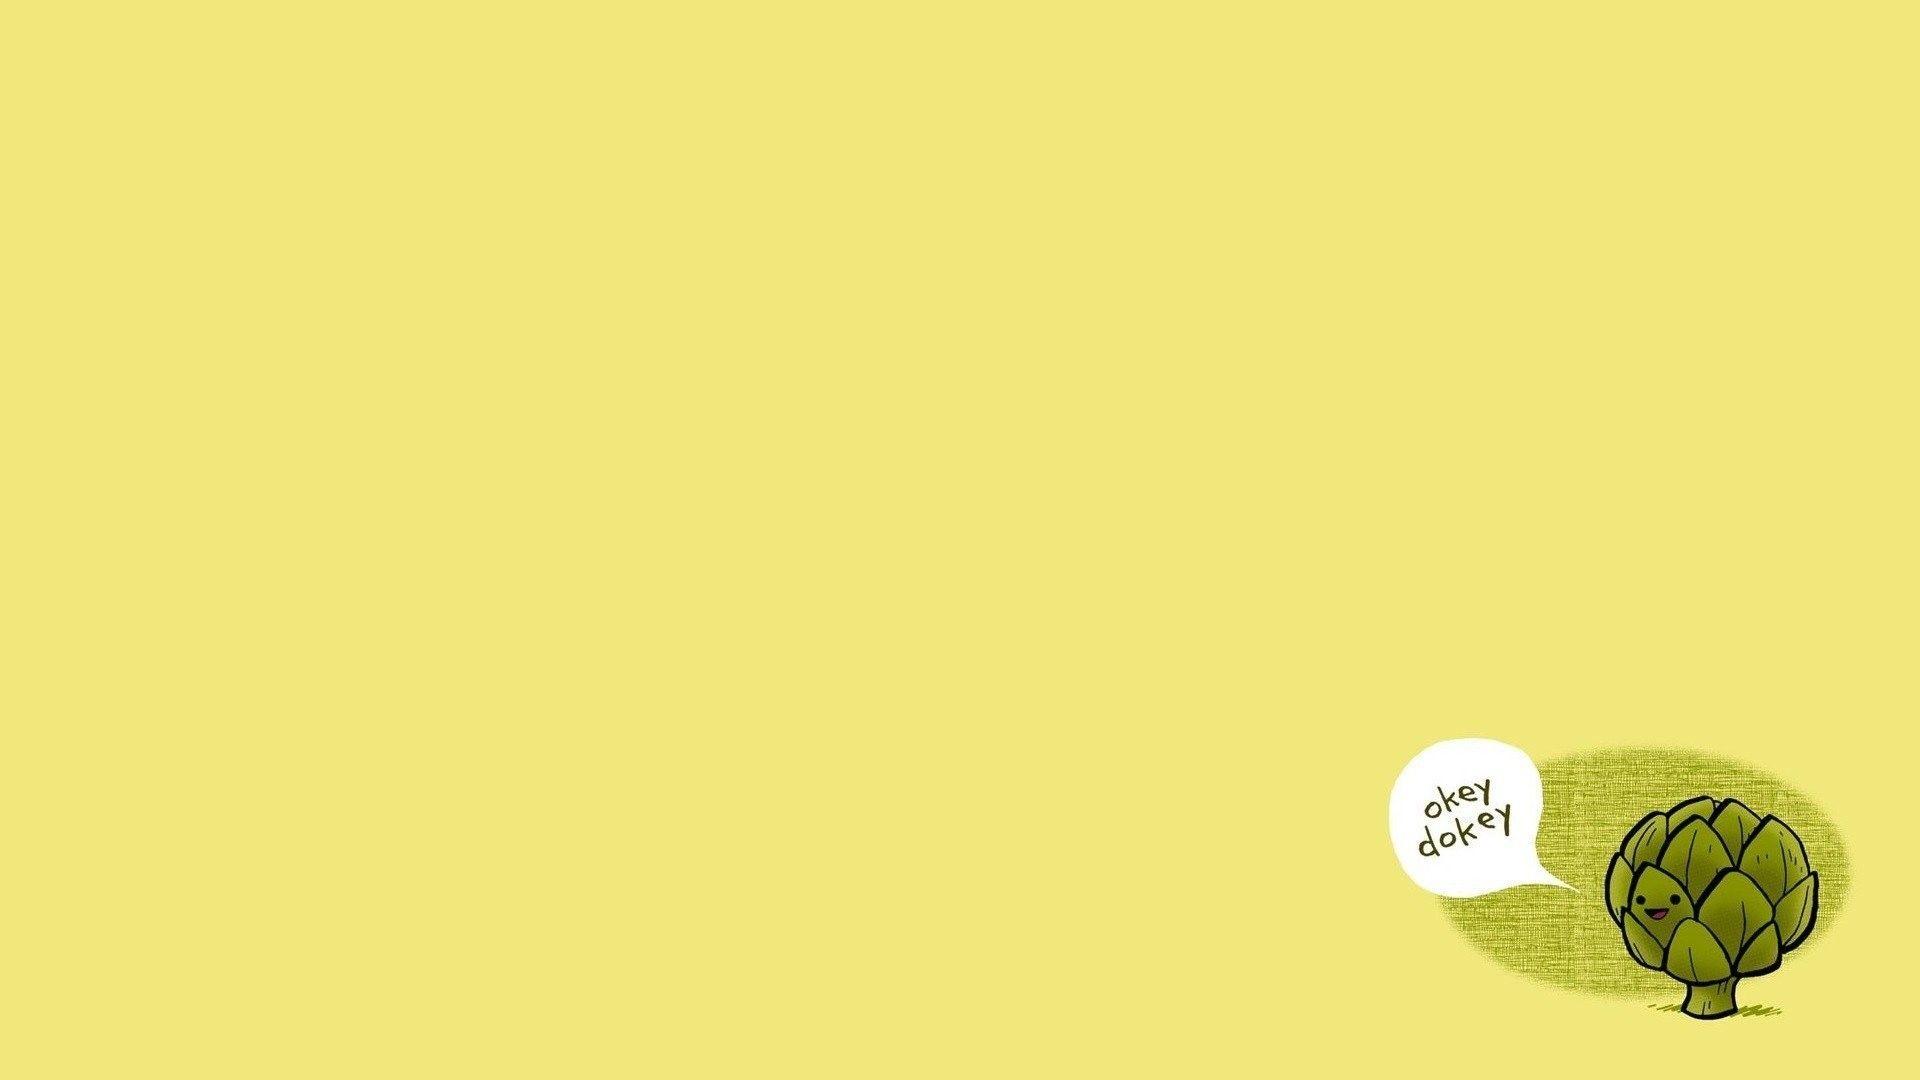 Pin Oleh Sunnygirlshy Di Asdfgh Di 2020 Abstrak